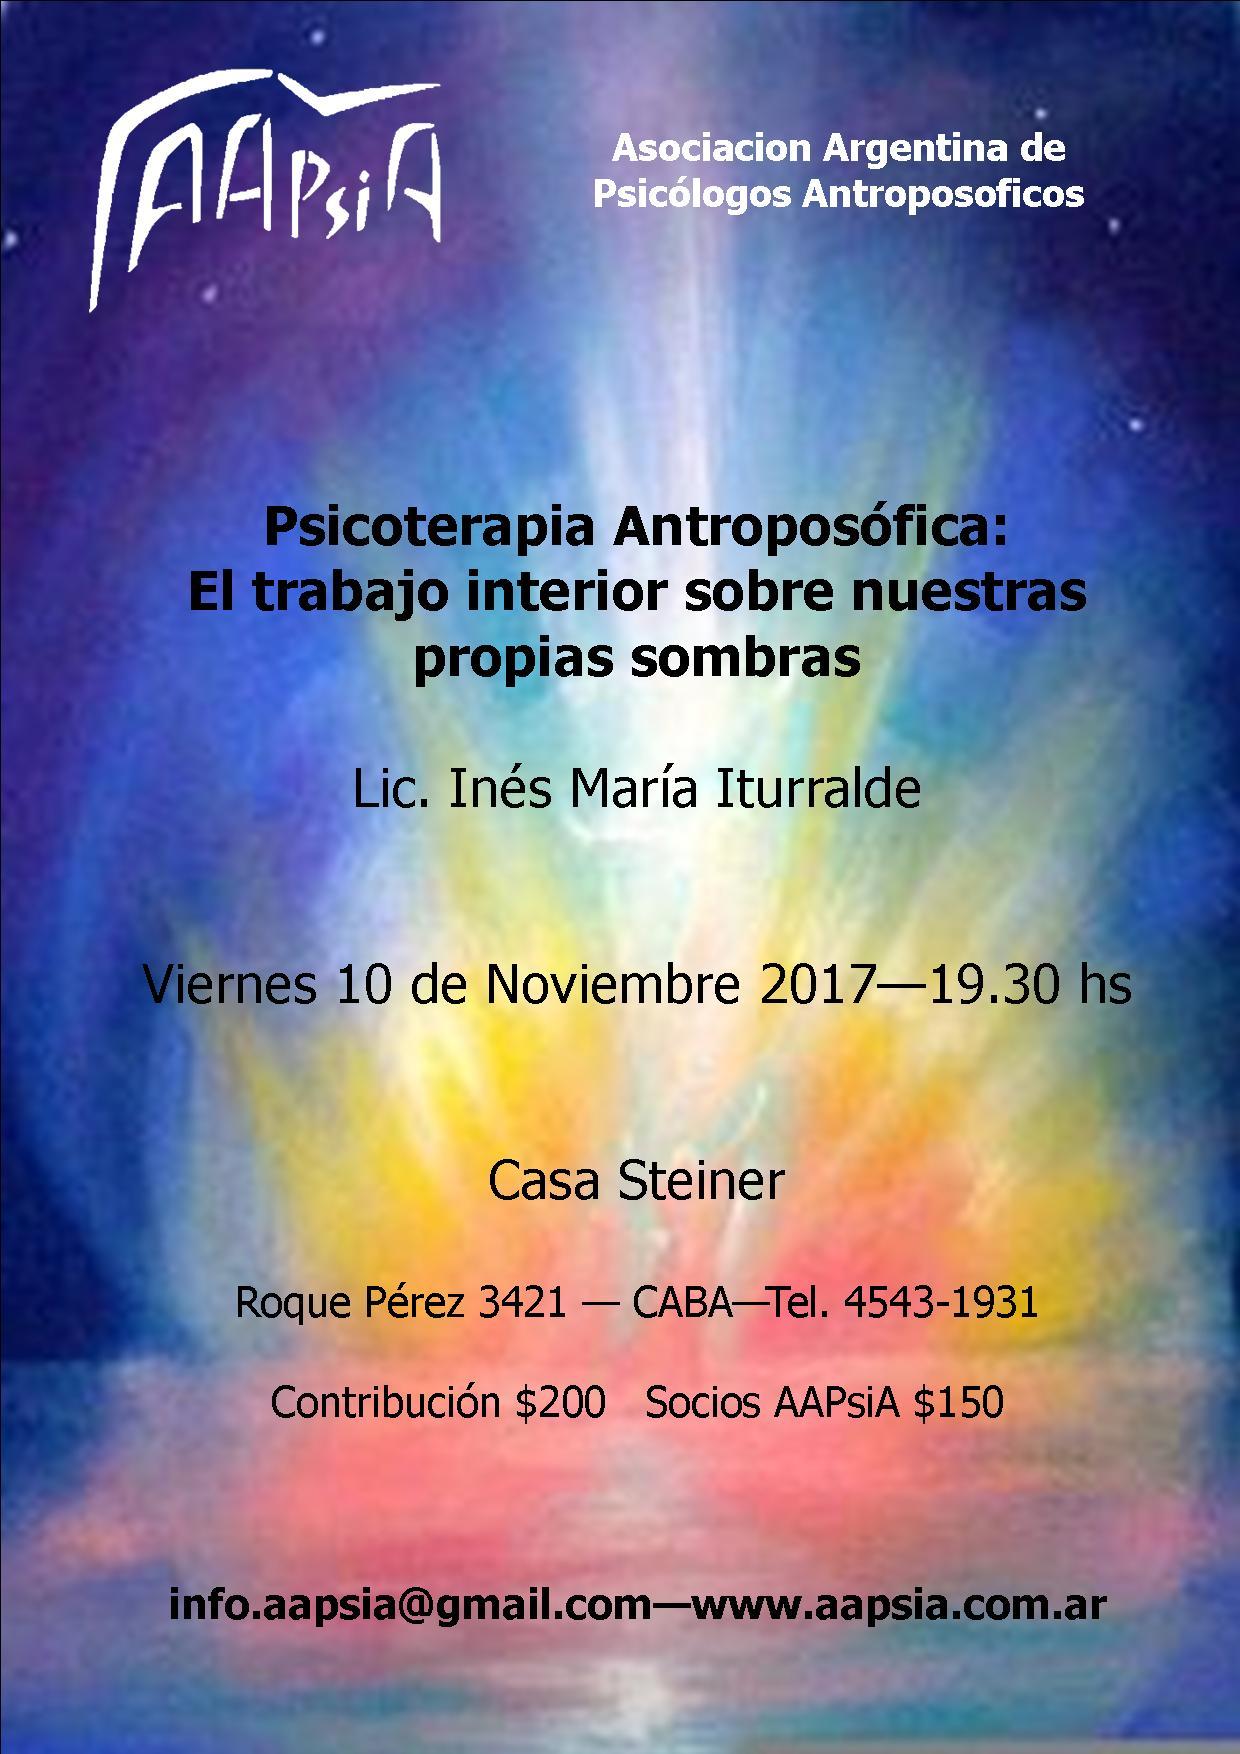 LAS SOMBRAS. CHARLA CASA STEINER 10 NOV 2017